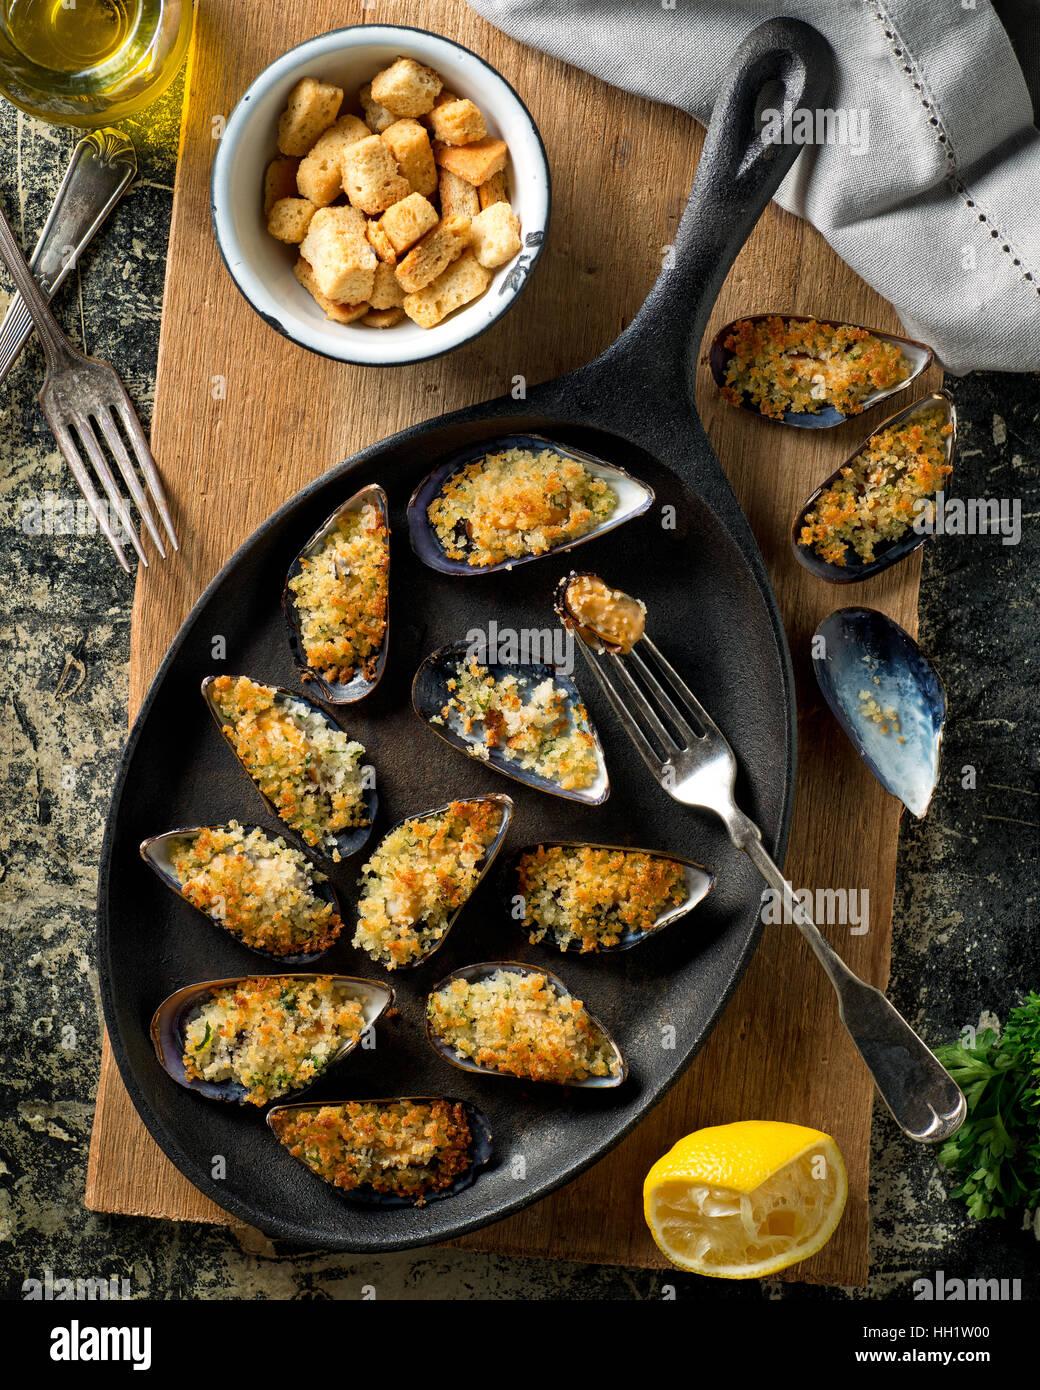 Lecker gebackene Muscheln auf einer eisernen Pfanne mit Paniermehl, Zitrone, Petersilie, Knoblauch und Olivenöl. Stockbild